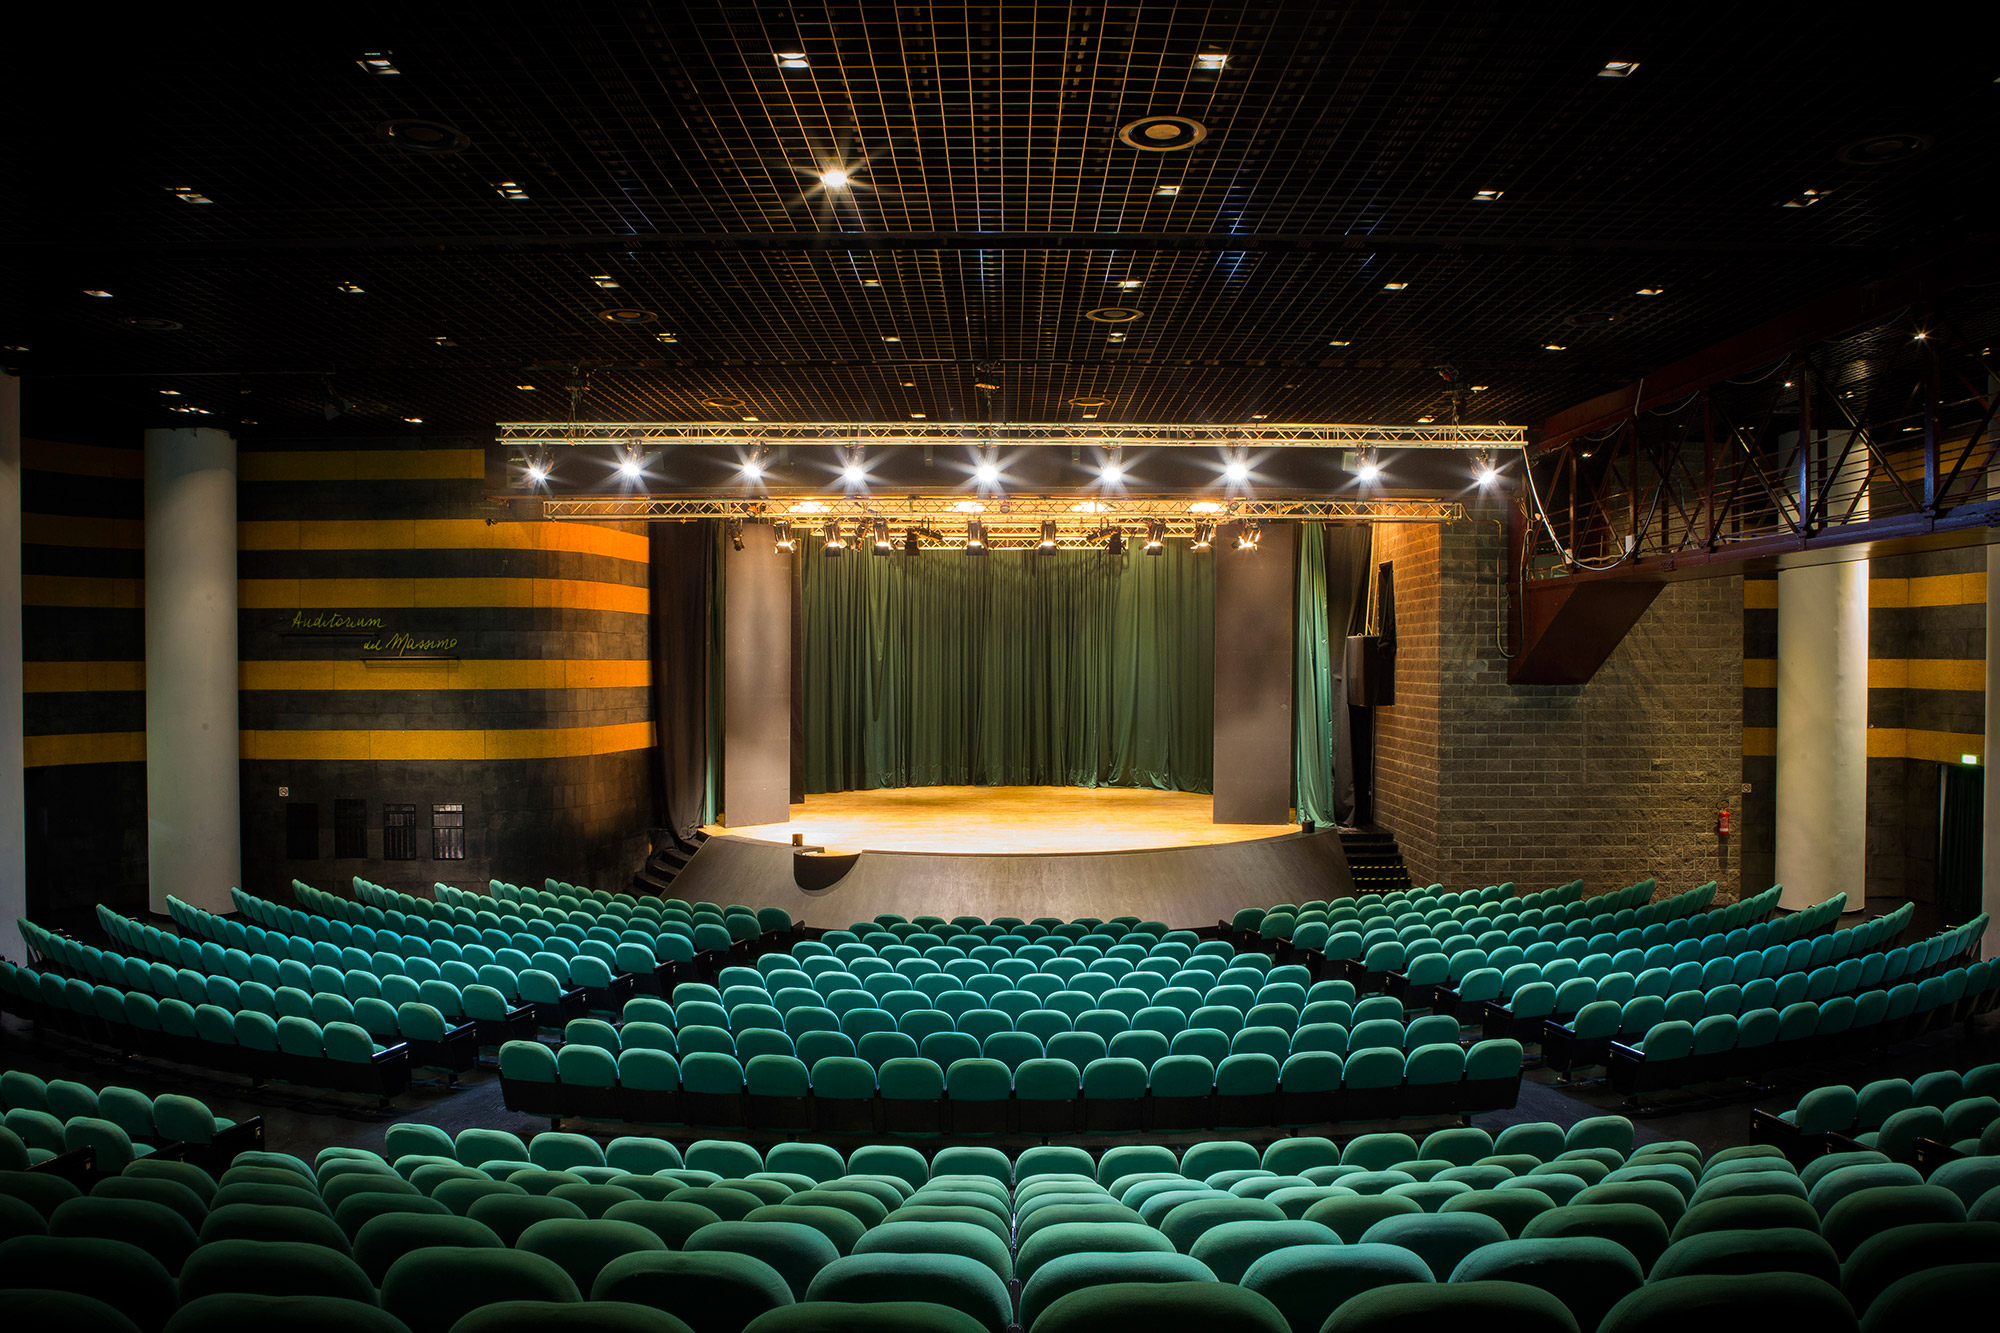 Sala Massimo